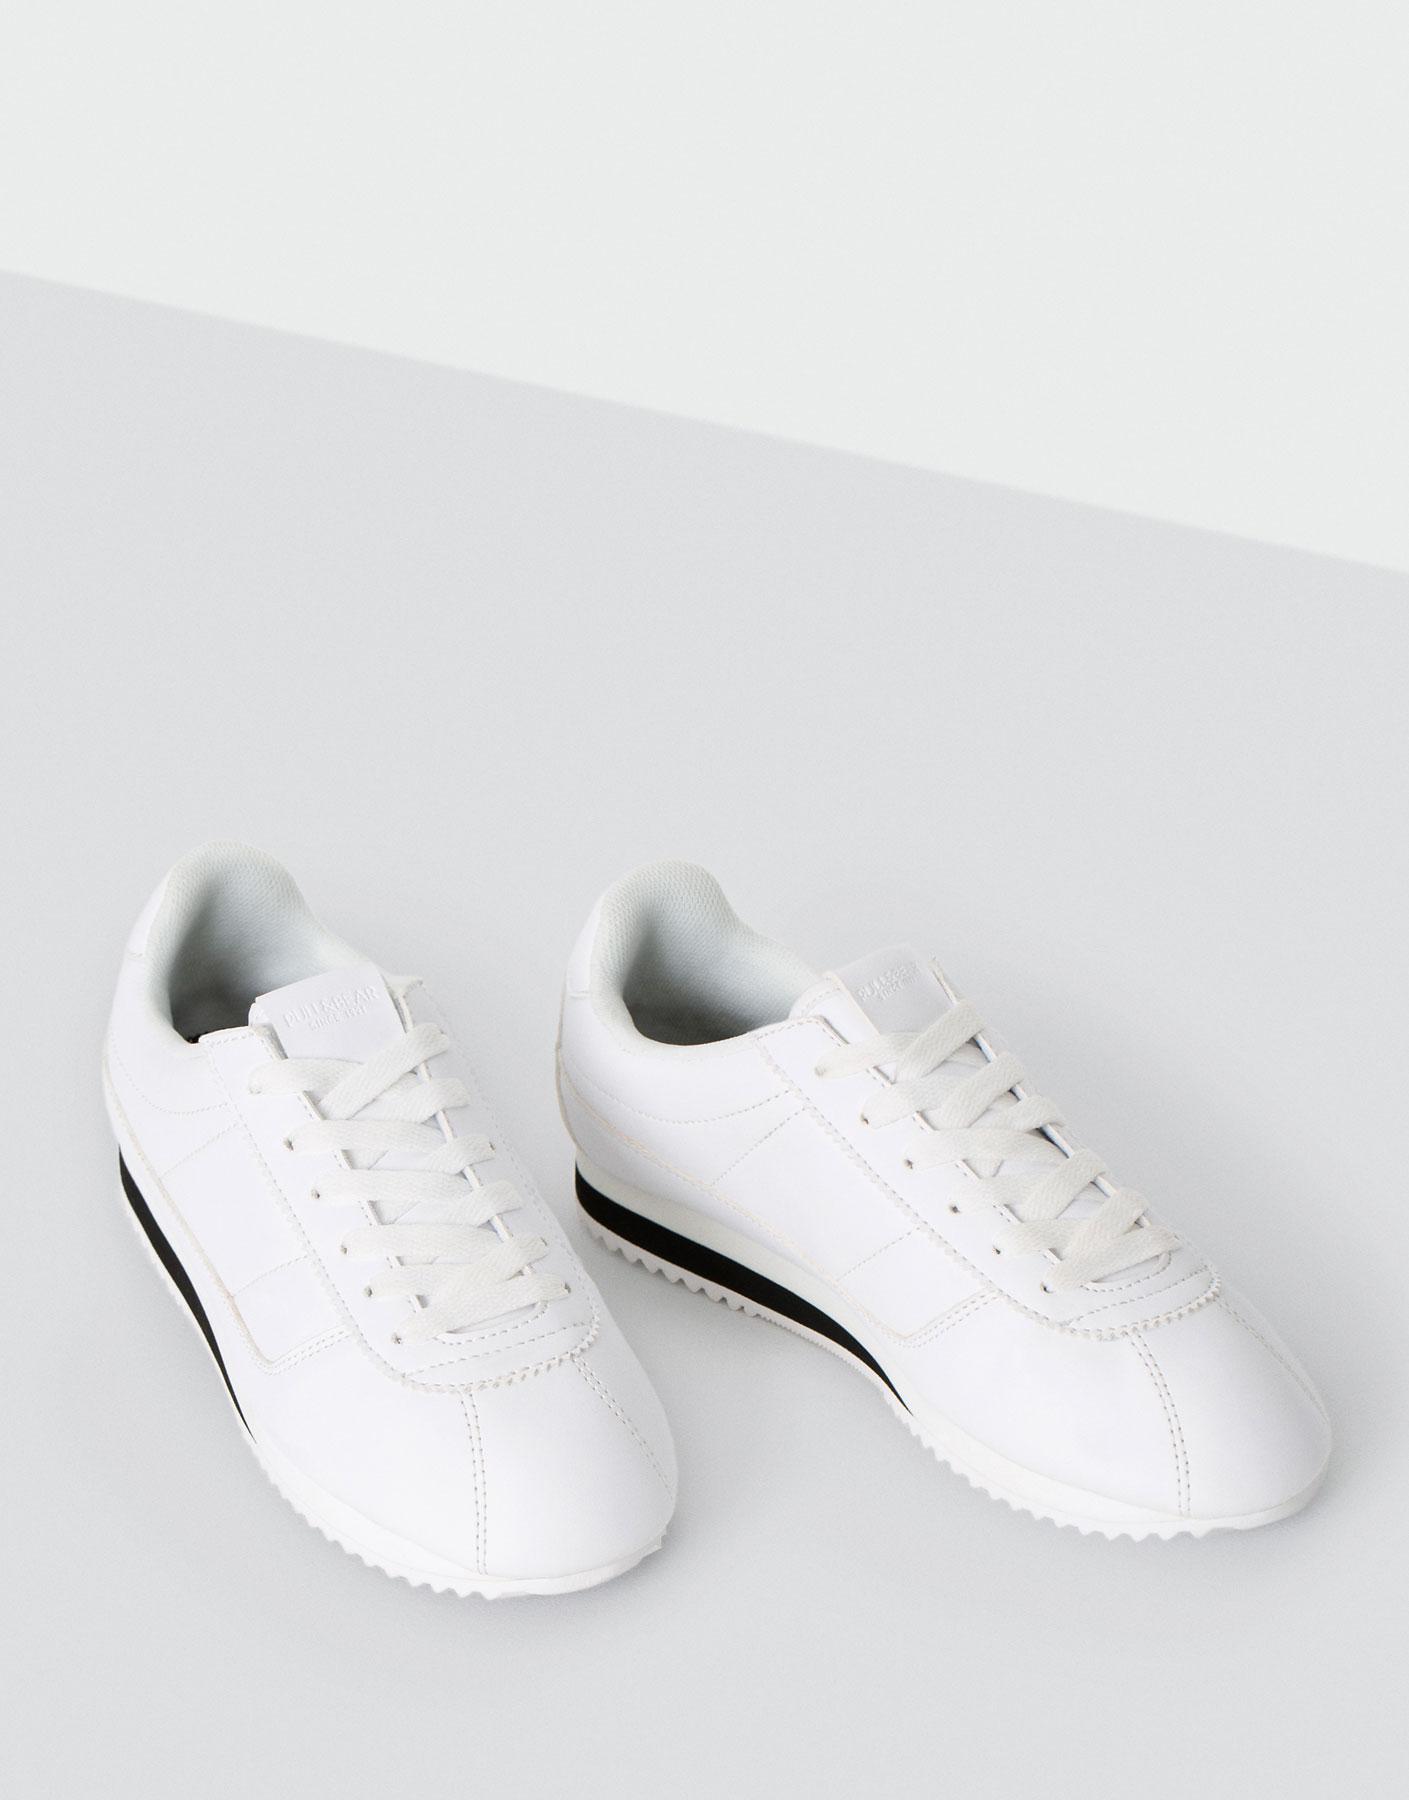 Street sneaker